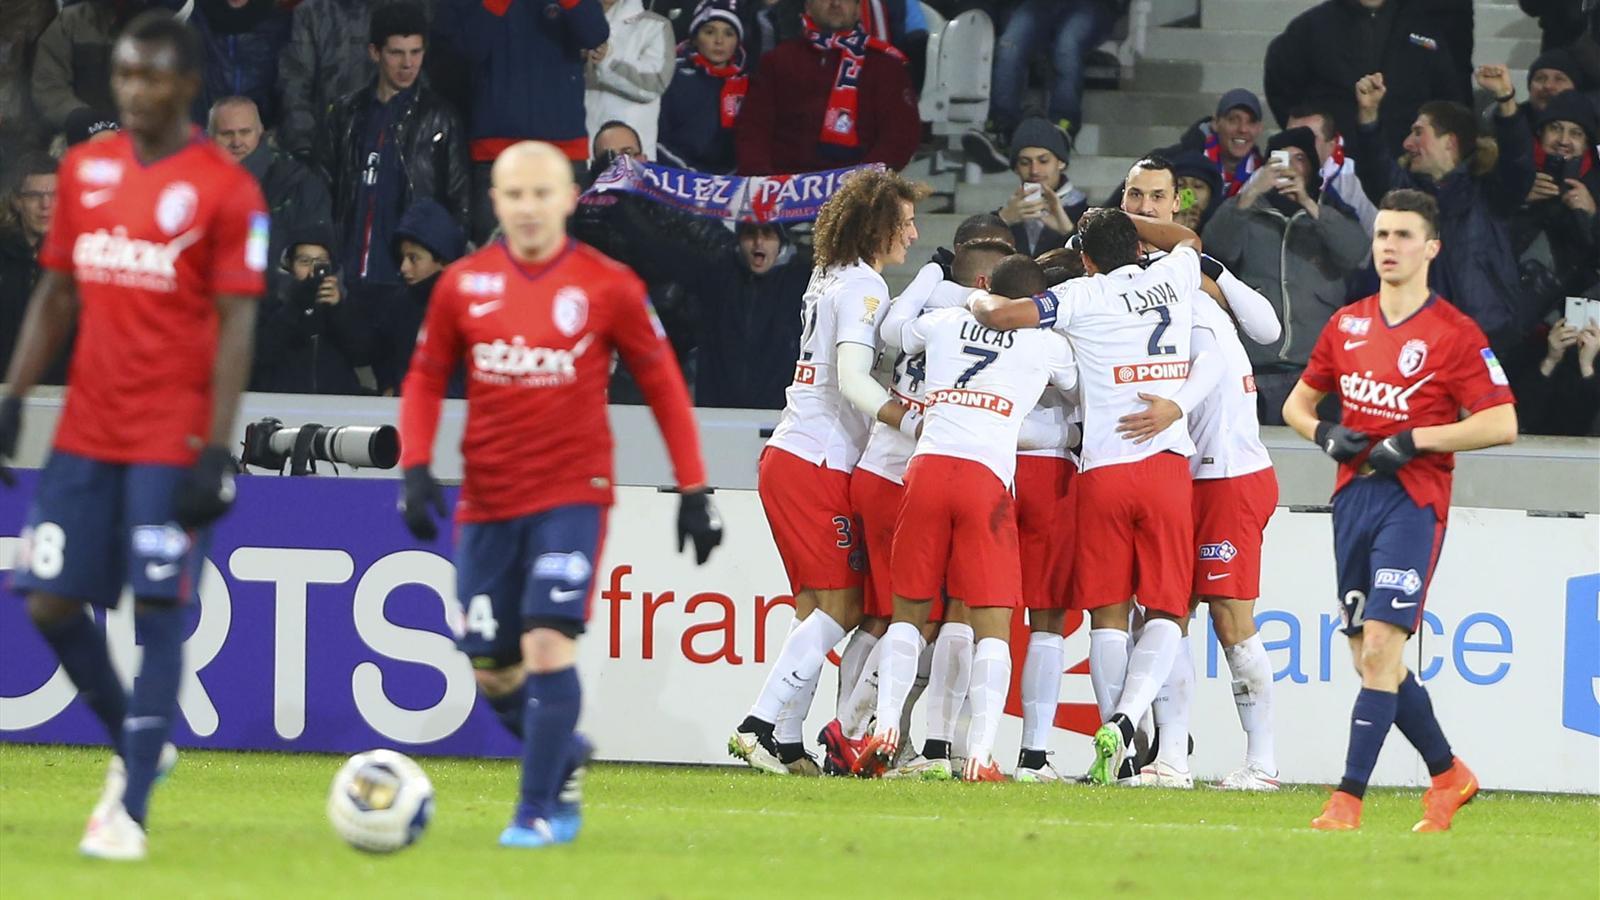 En direct live lille psg coupe de la ligue 3 - Resultats coupe de la ligue en direct ...